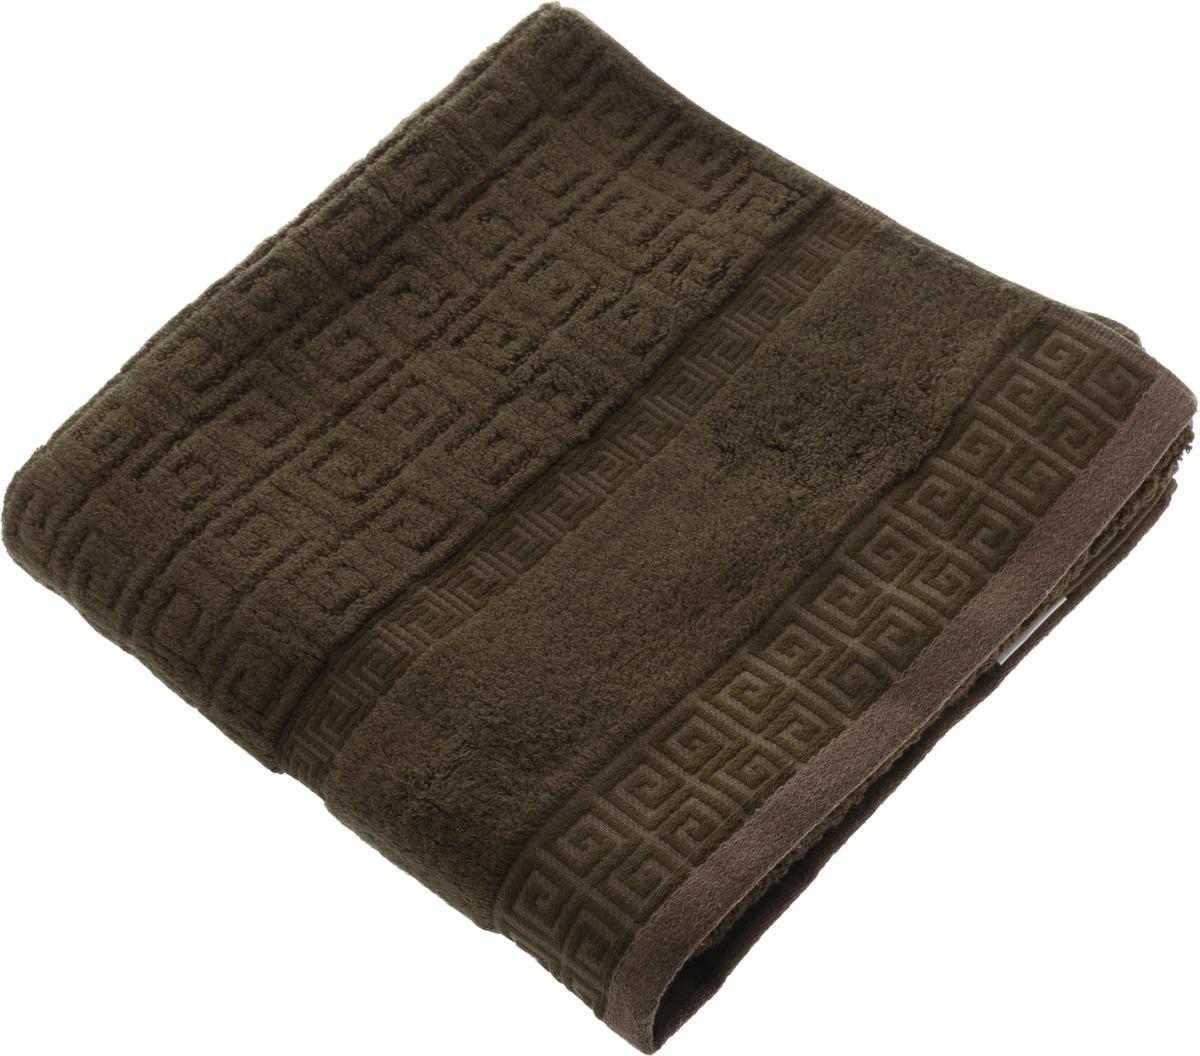 Полотенце Soavita Alber, цвет: коричневый, 70 х 130 см64151Полотенце Soavita Alber выполнено из 100% бамбукового волокна. Изделие отлично впитывает влагу, быстро сохнет, сохраняет яркость цвета и не теряет форму даже после многократных стирок. Полотенце очень практично и неприхотливо в уходе. Оно создаст прекрасное настроение и украсит интерьер в ванной комнате. Рекомендуется стирка при температуре 40°C.